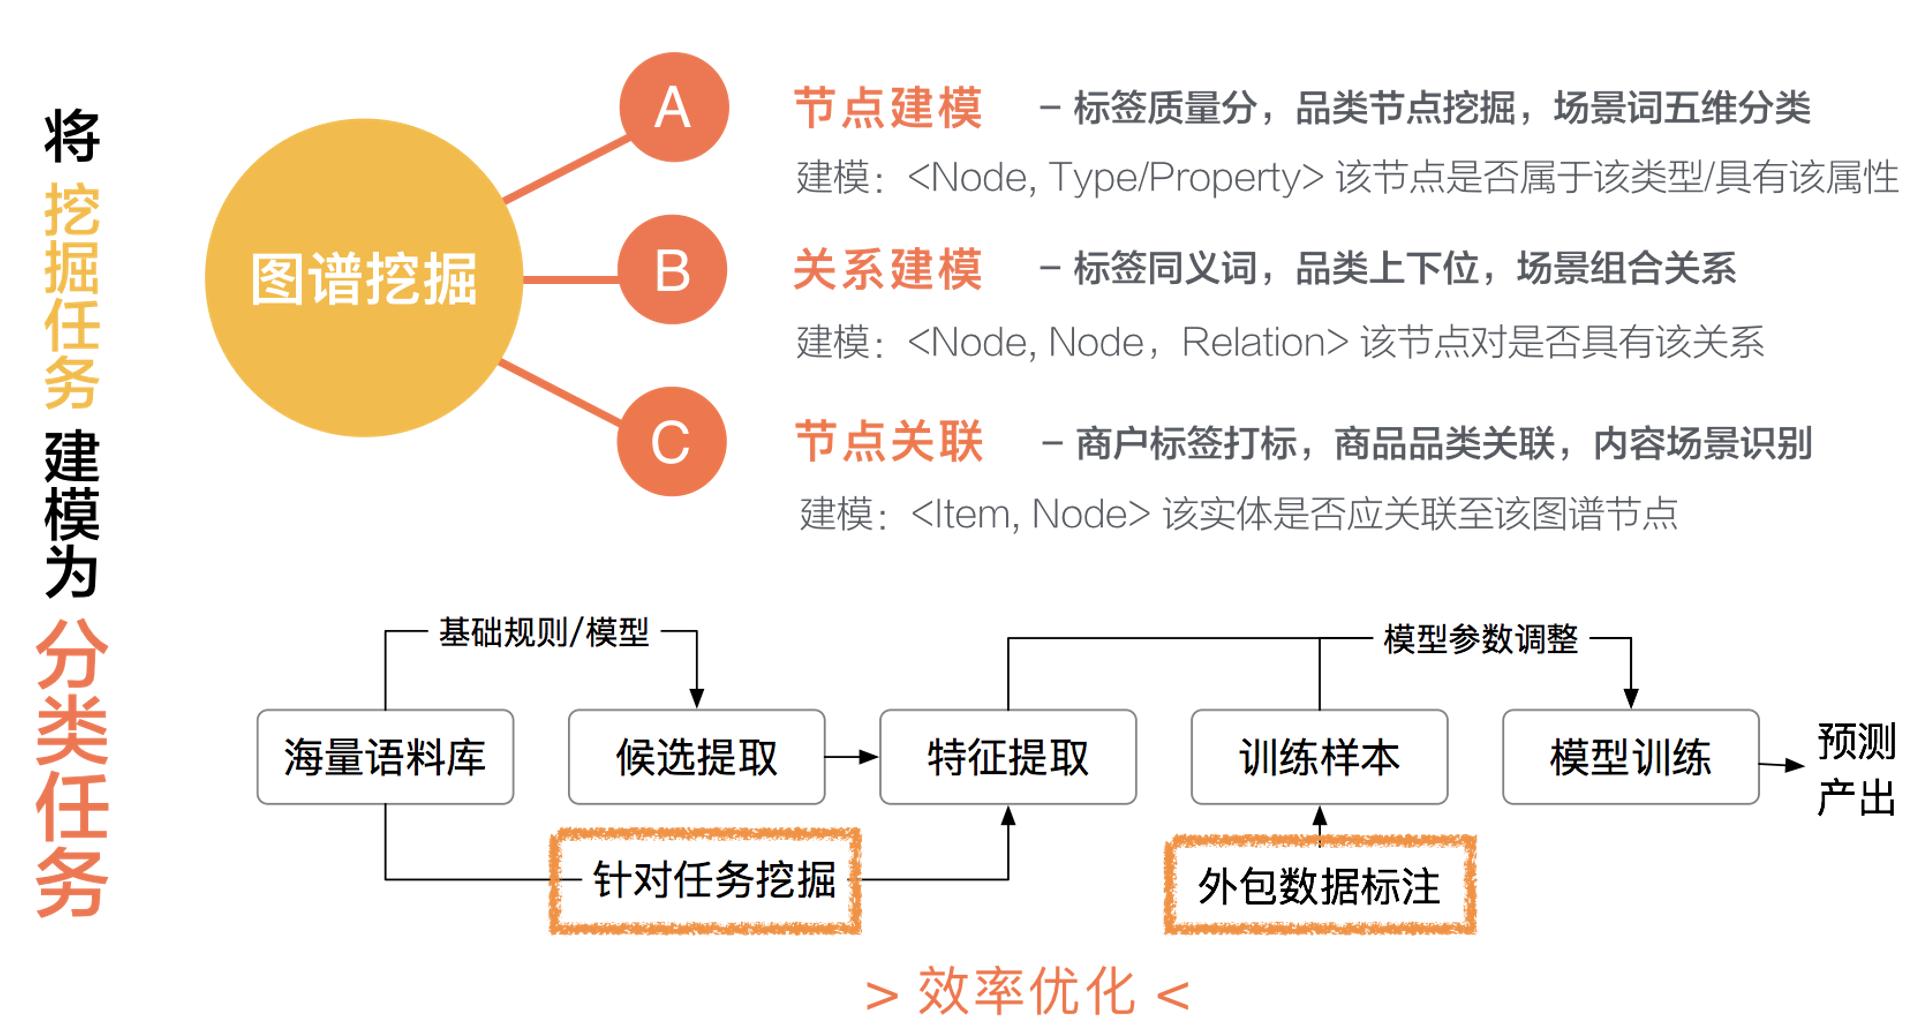 图12 知识挖掘任务建模